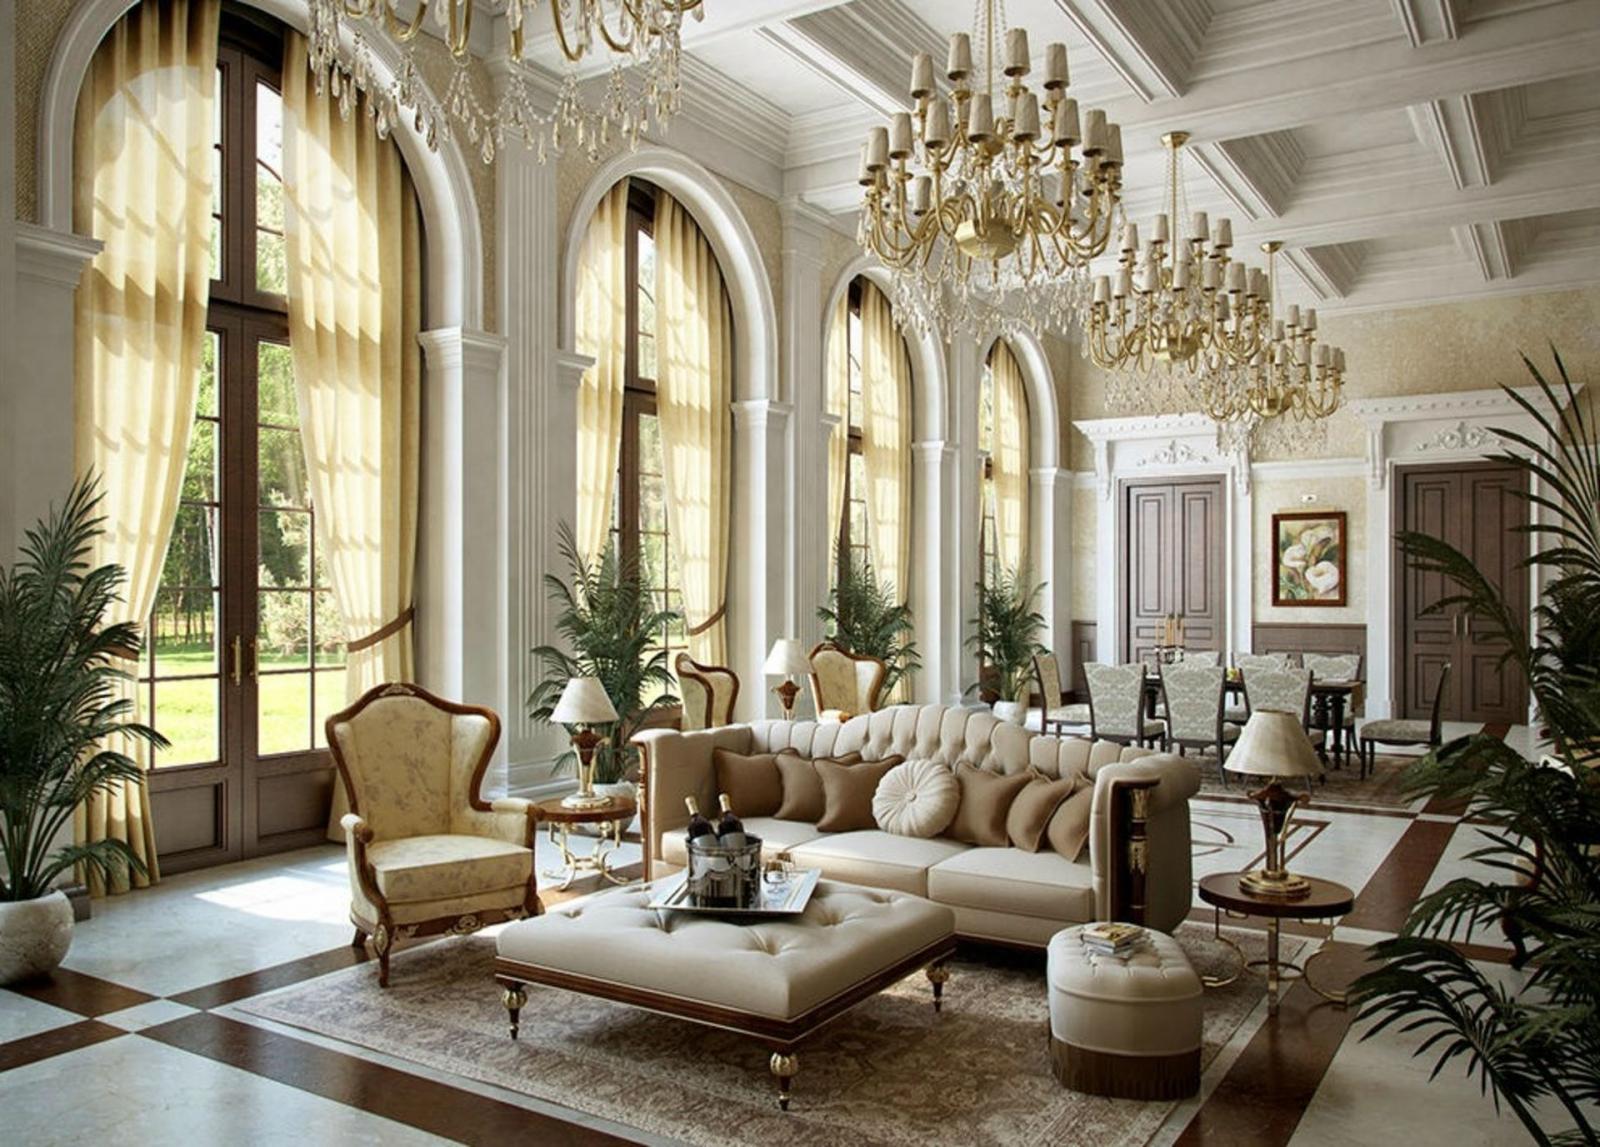 bên trong căn nhà mang phong cách nội thất cổ điển đẹp